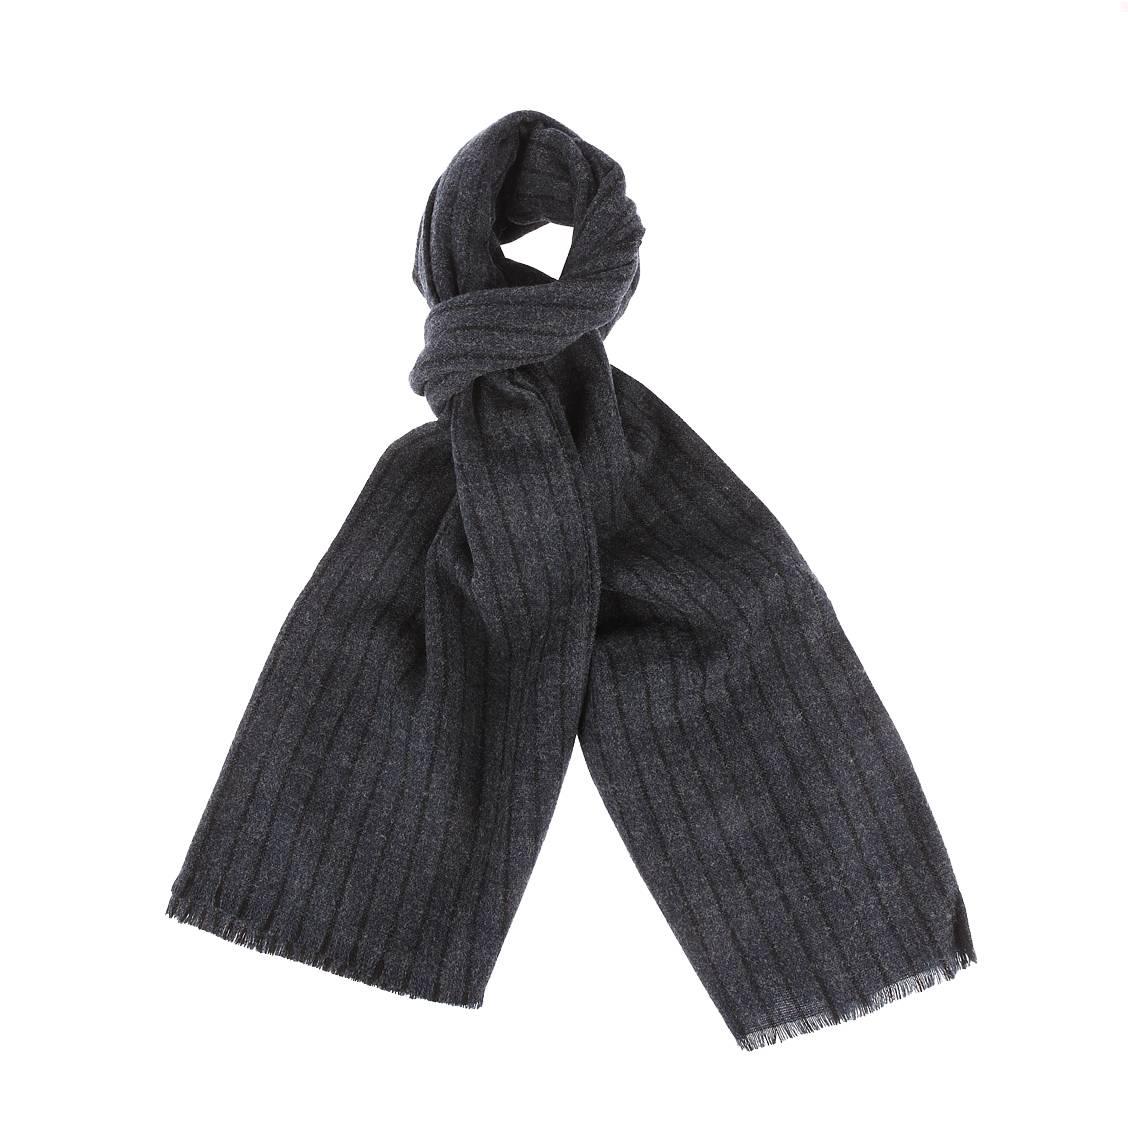 Etole Armor Lux en laine mélangée bleu marine chiné à rayures noires